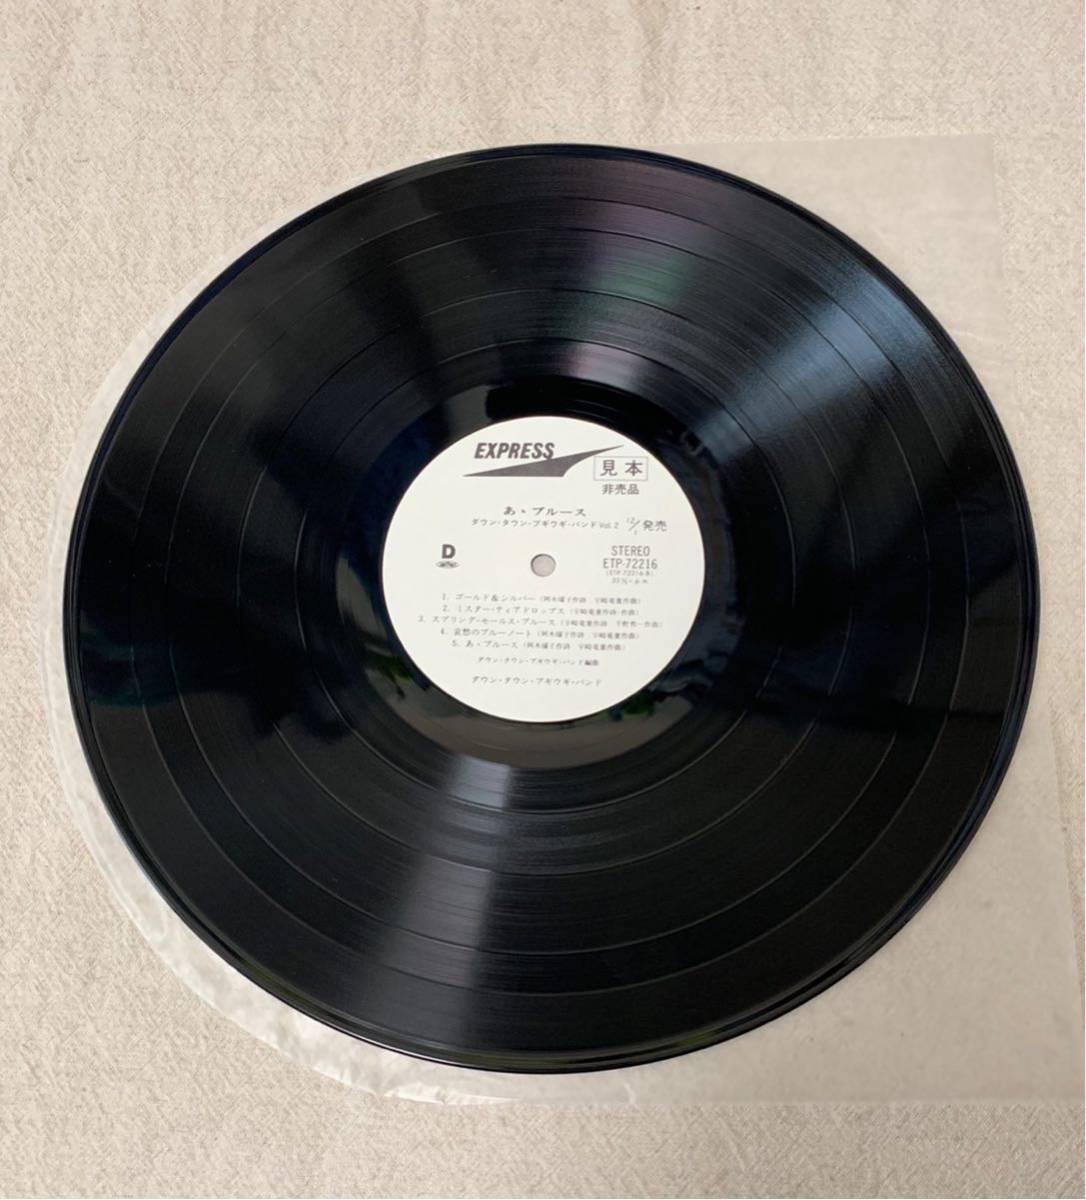 【LP レコード 見本盤 非売品】ETR-72216 ダウン・タウン・ブギウギ・バンド あゝブルース 音楽 日本 ロック ポップス コレクション_画像5